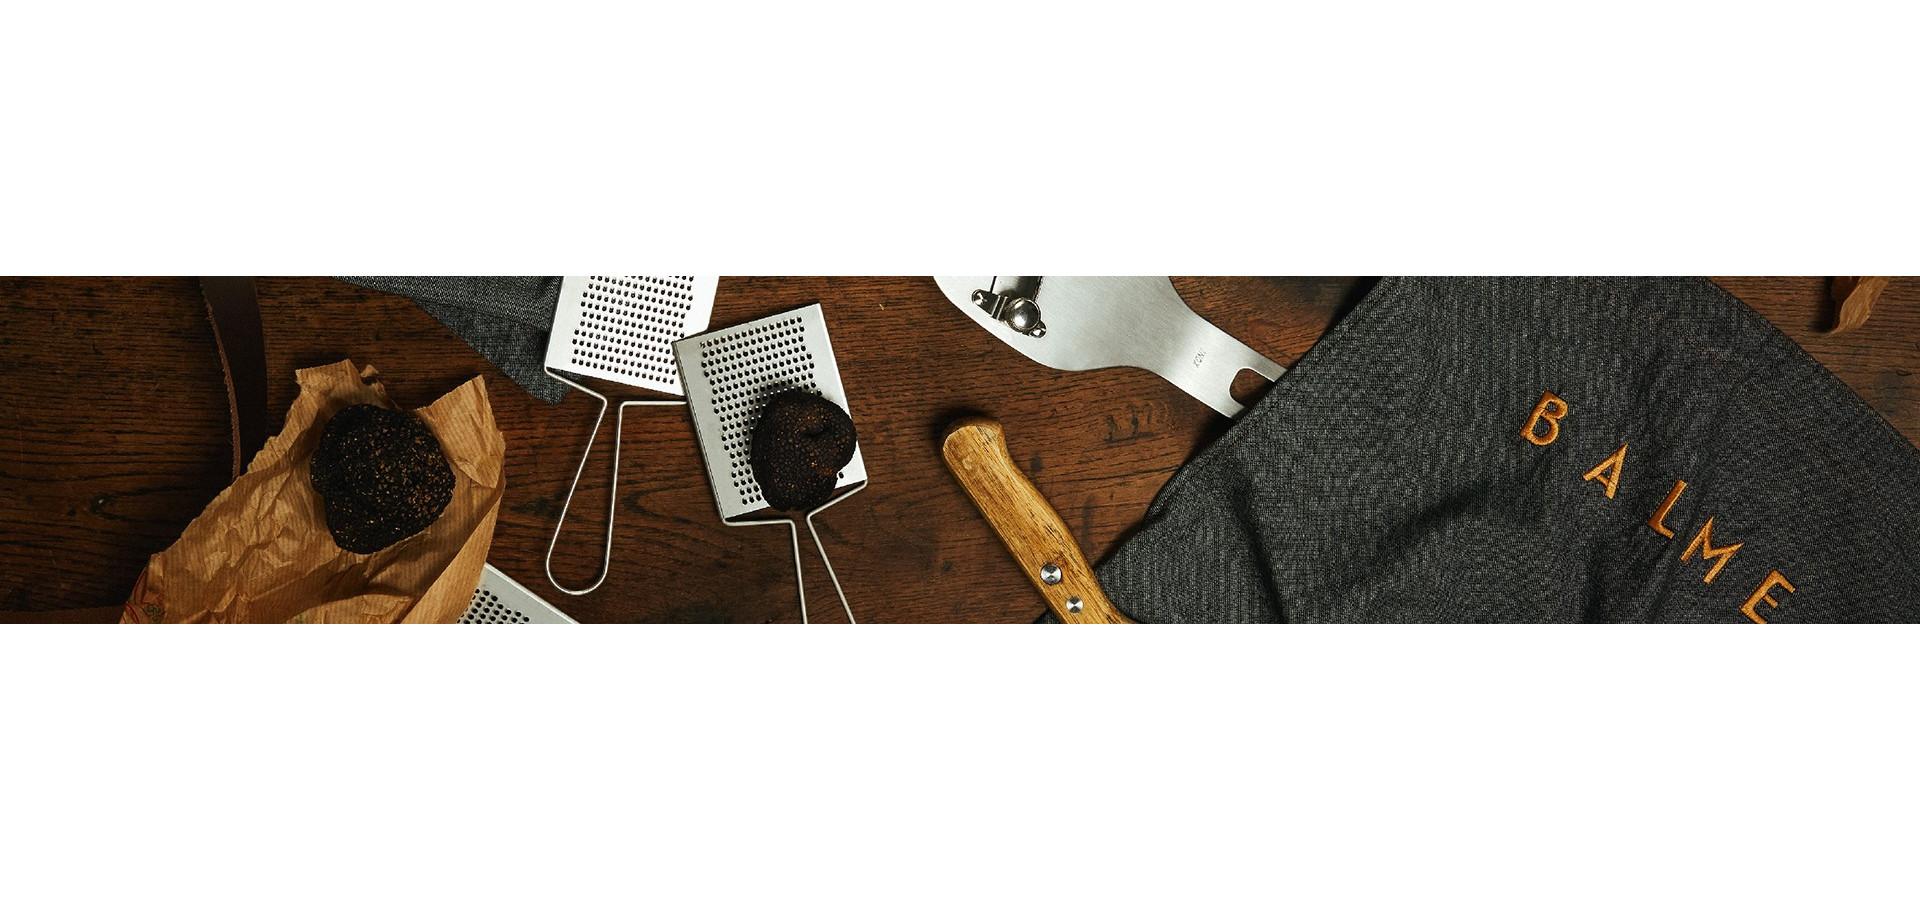 Découvrez notre gamme d'accessoires et coffrets cadeaux 100% truffés